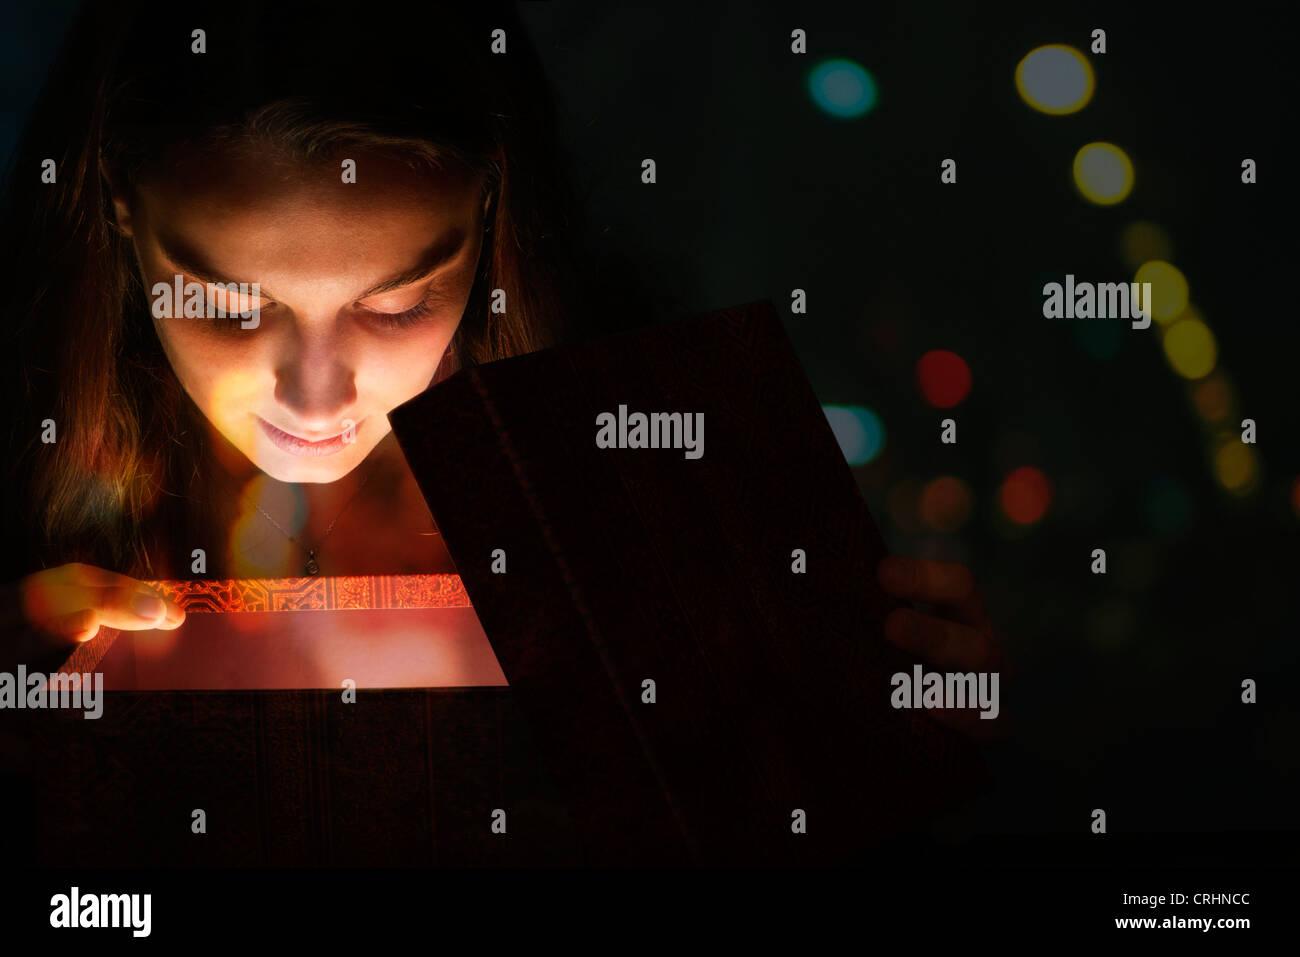 Mujer joven iluminado por la luz de dentro de la caja de regalo Imagen De Stock